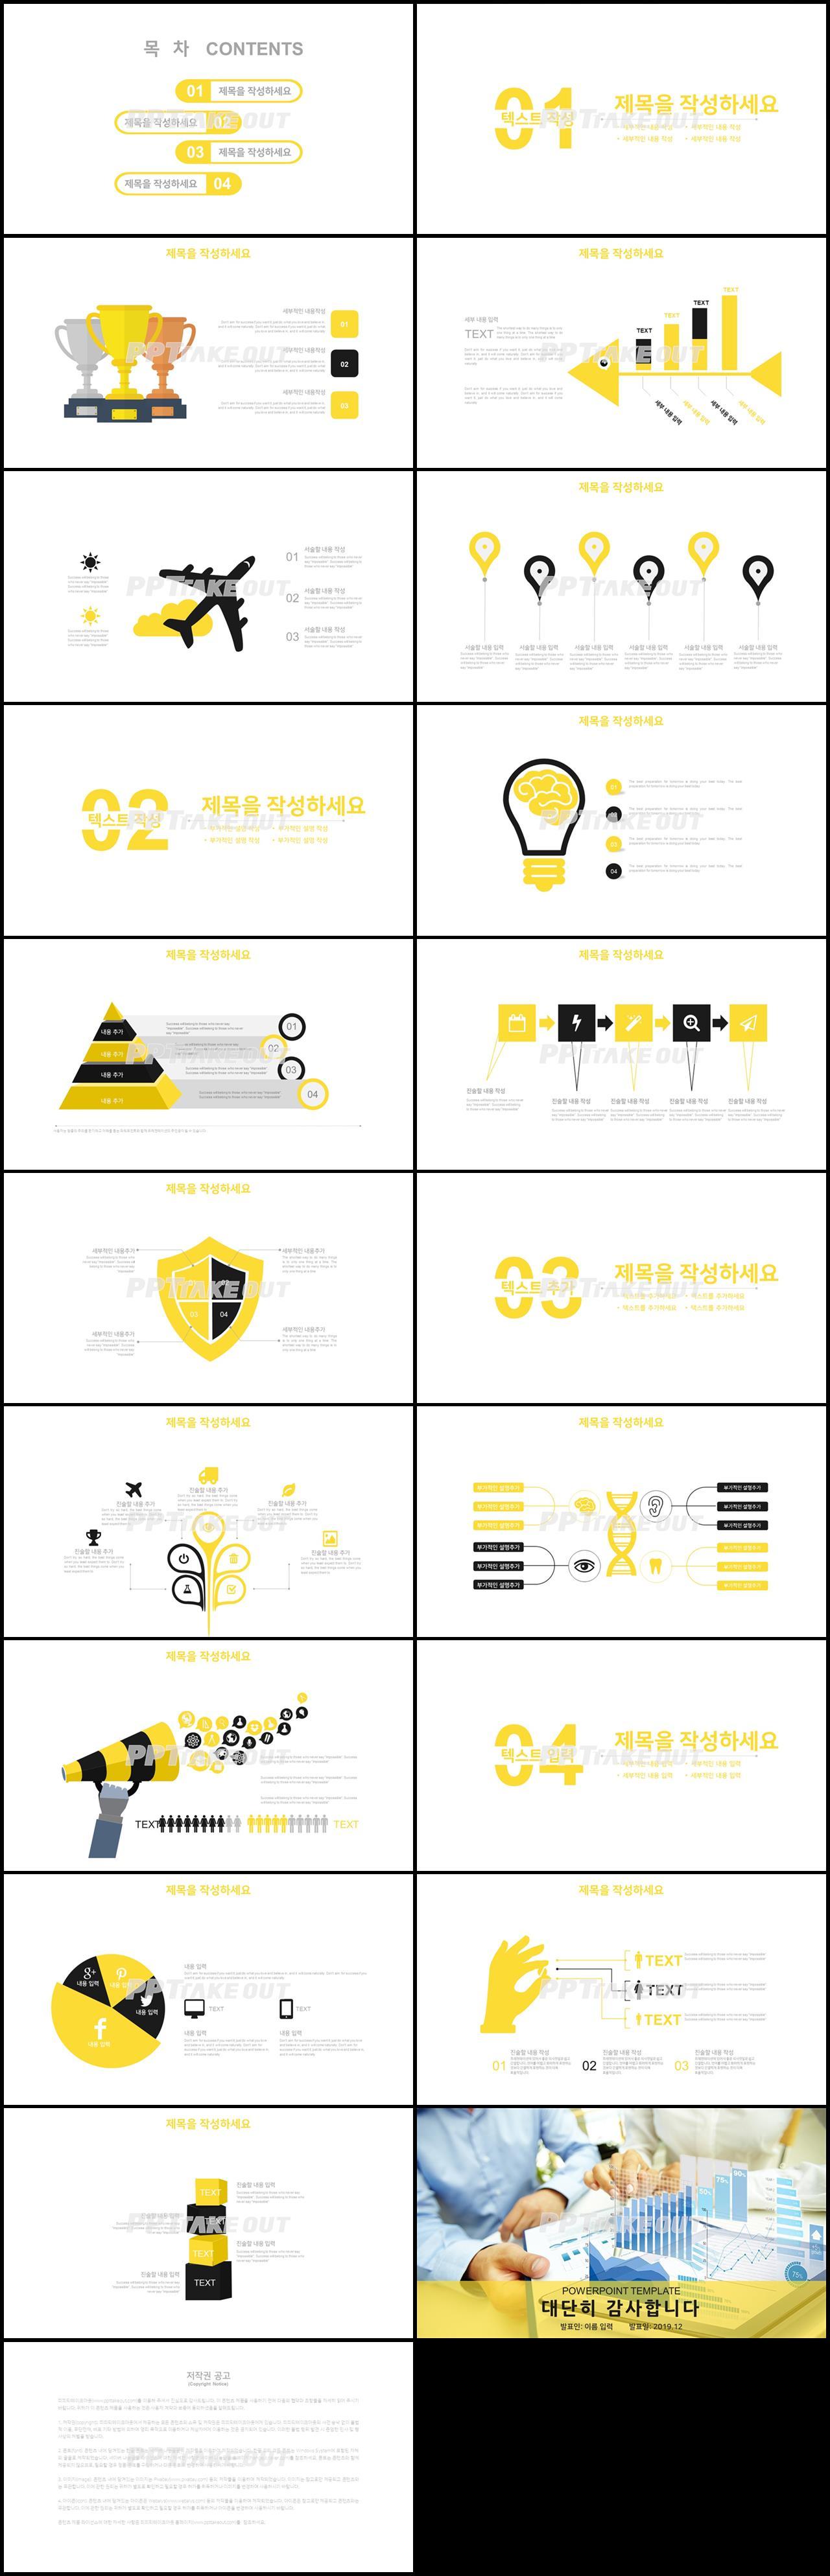 금융투자 노랑색 화려한 프레젠테이션 PPT서식 만들기 상세보기